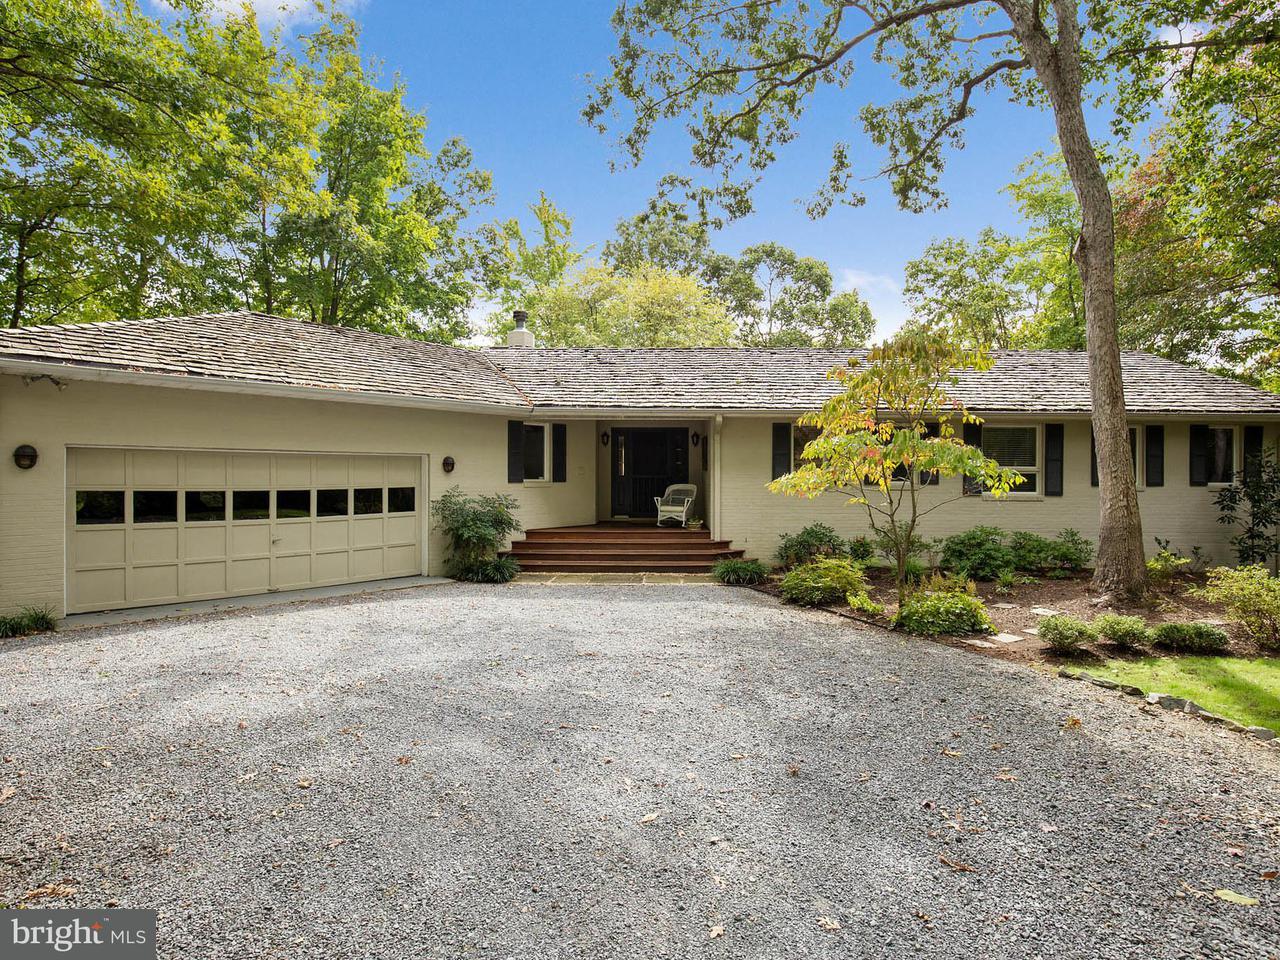 Maison unifamiliale pour l Vente à 855 BIG Road 855 BIG Road Lusby, Maryland 20657 États-Unis